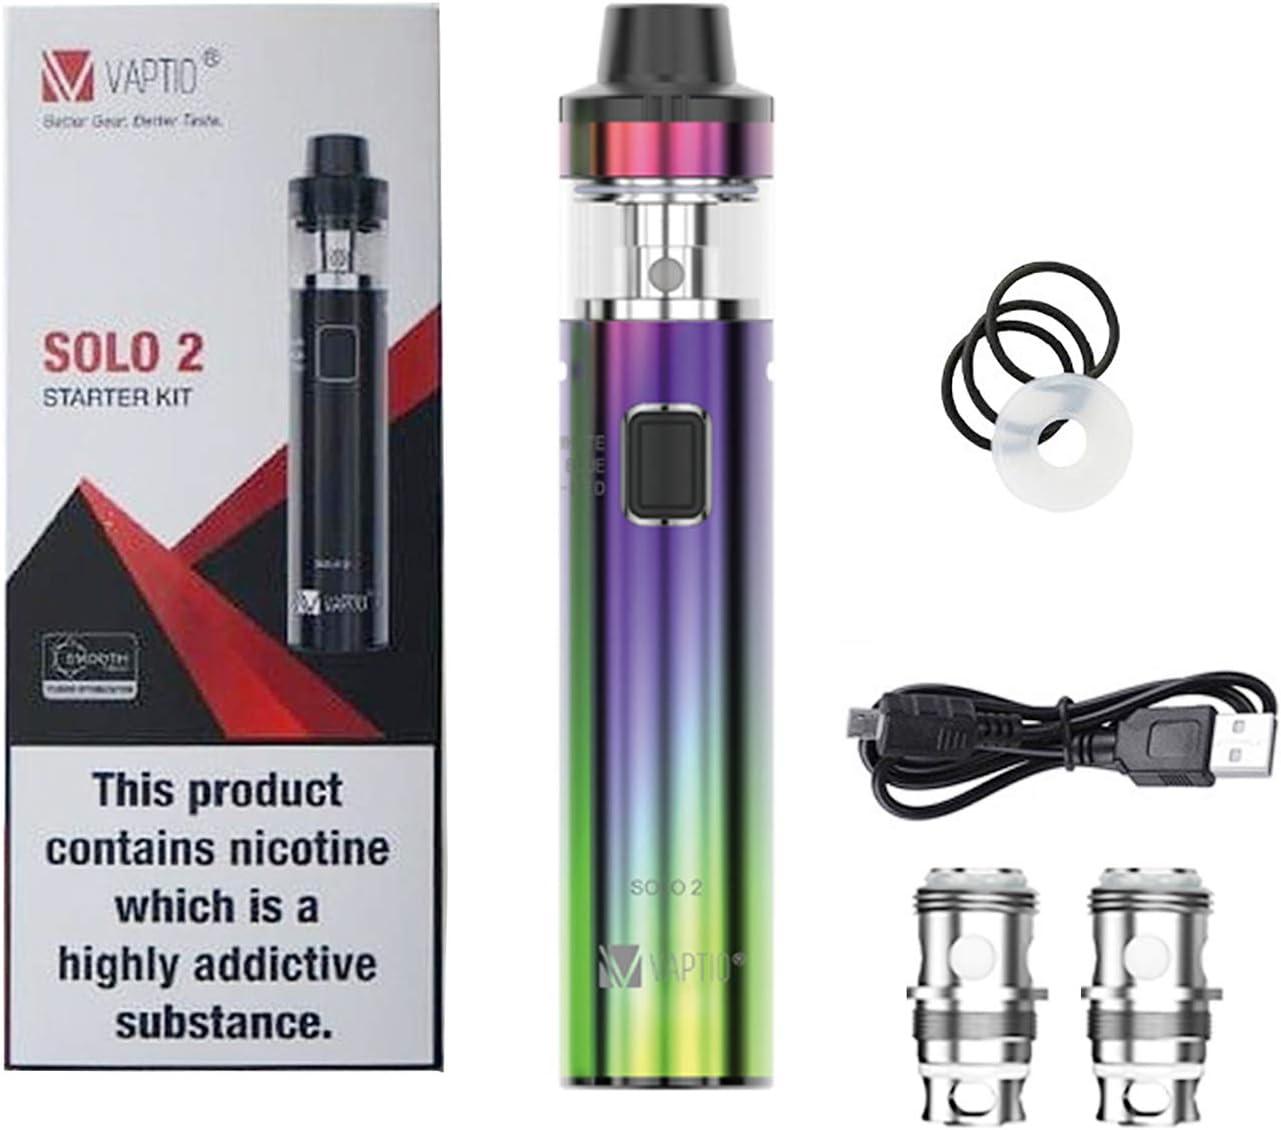 Vape Pen Starter Kit Vaptio Solo 2 KIT con 3000mAh Batería 2.0ml Mesh Core Todo en uno Estilo Vaporizador de cigarrillo electrónico No E Liquid No Nicotine (Camaleón)